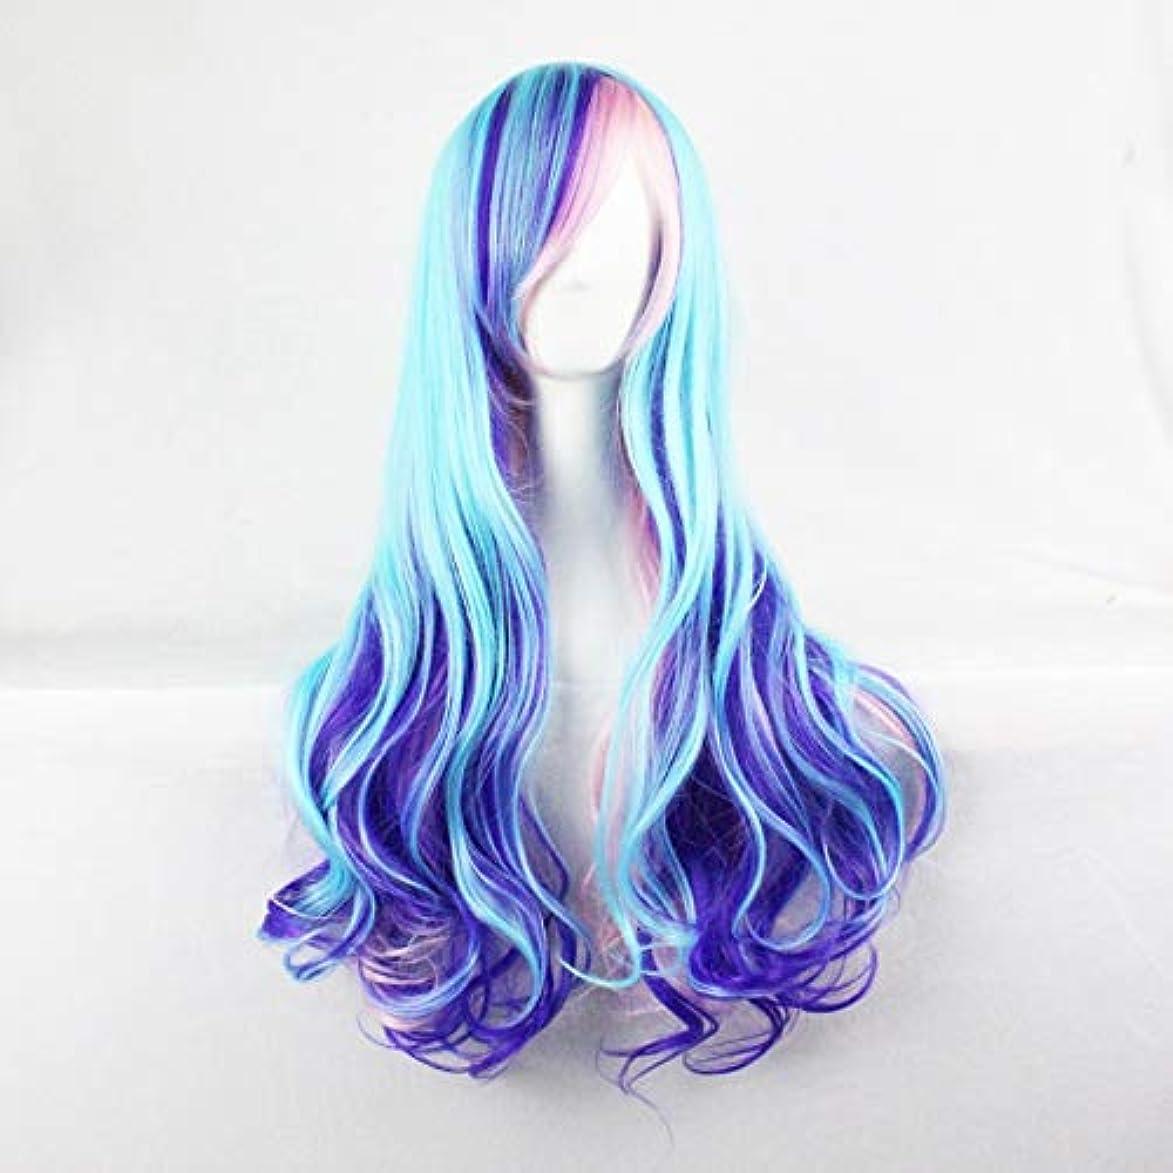 ピア湿原逆説かつらキャップでかつらファンシードレスカールかつら女性用高品質合成毛髪コスプレ高密度かつら女性&女の子ブルー、ピンク、パープル (Color : 青)